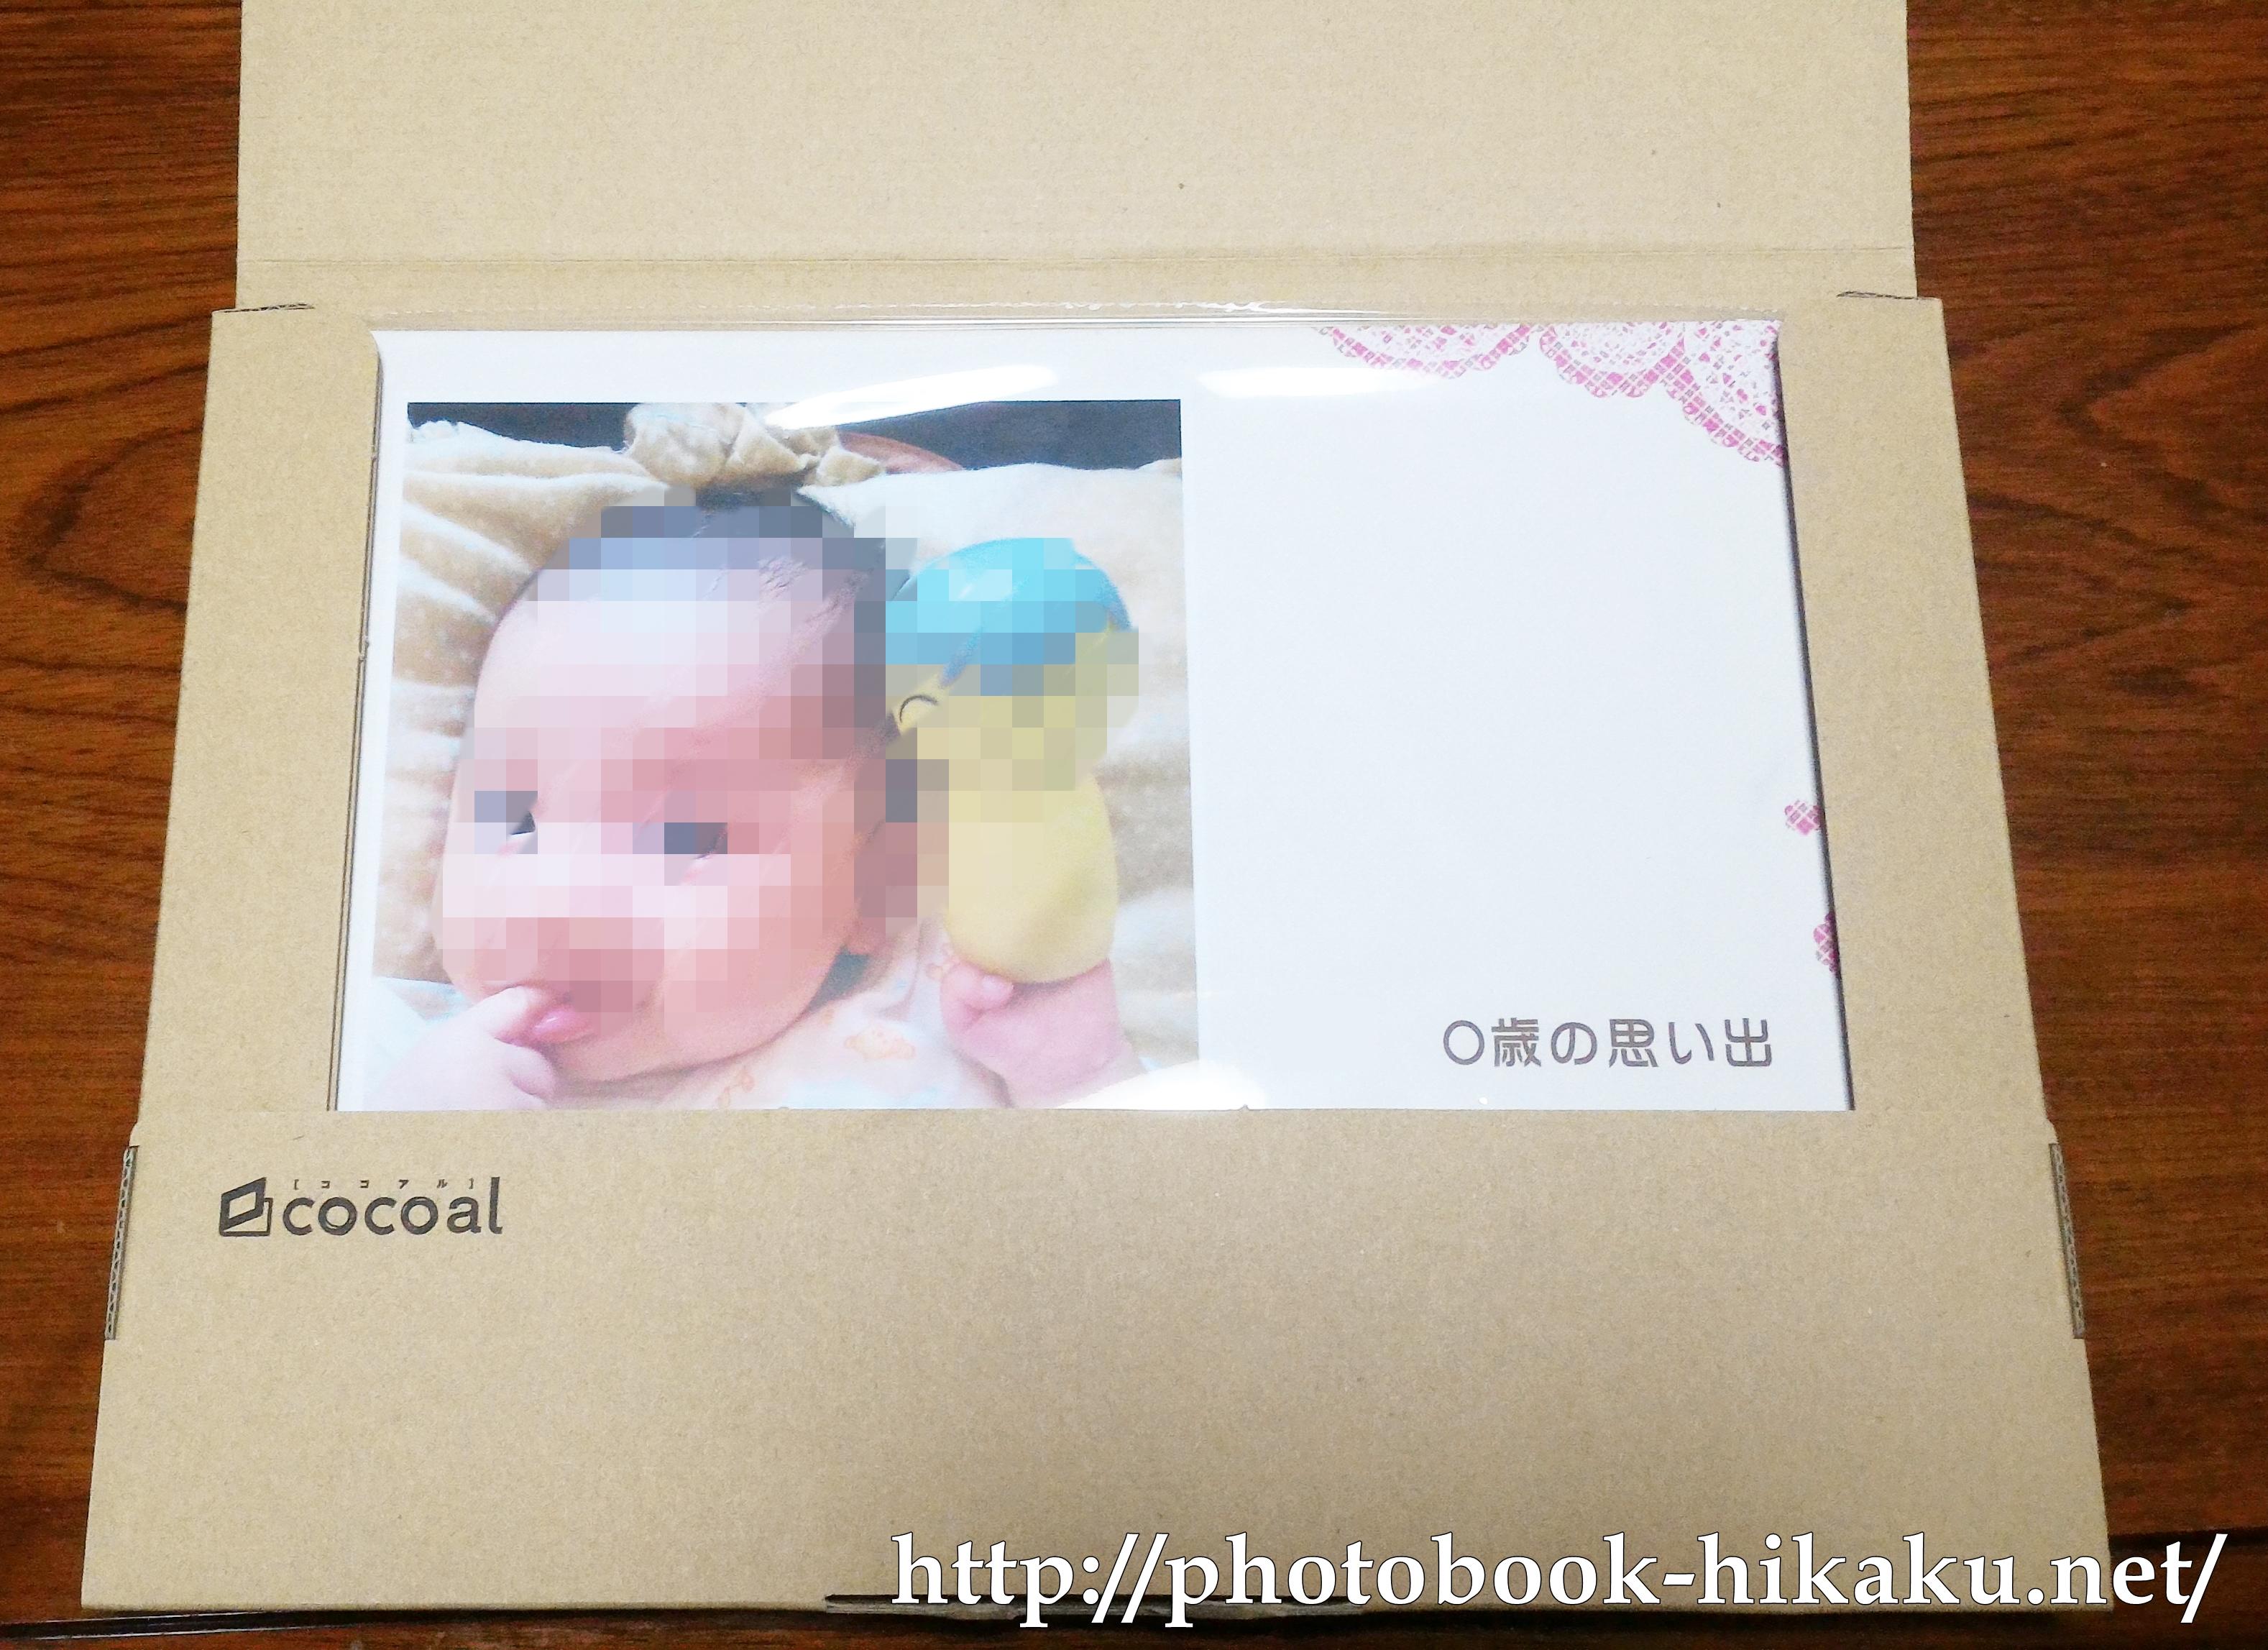 ココアルのフォトブックの届いた見本画像